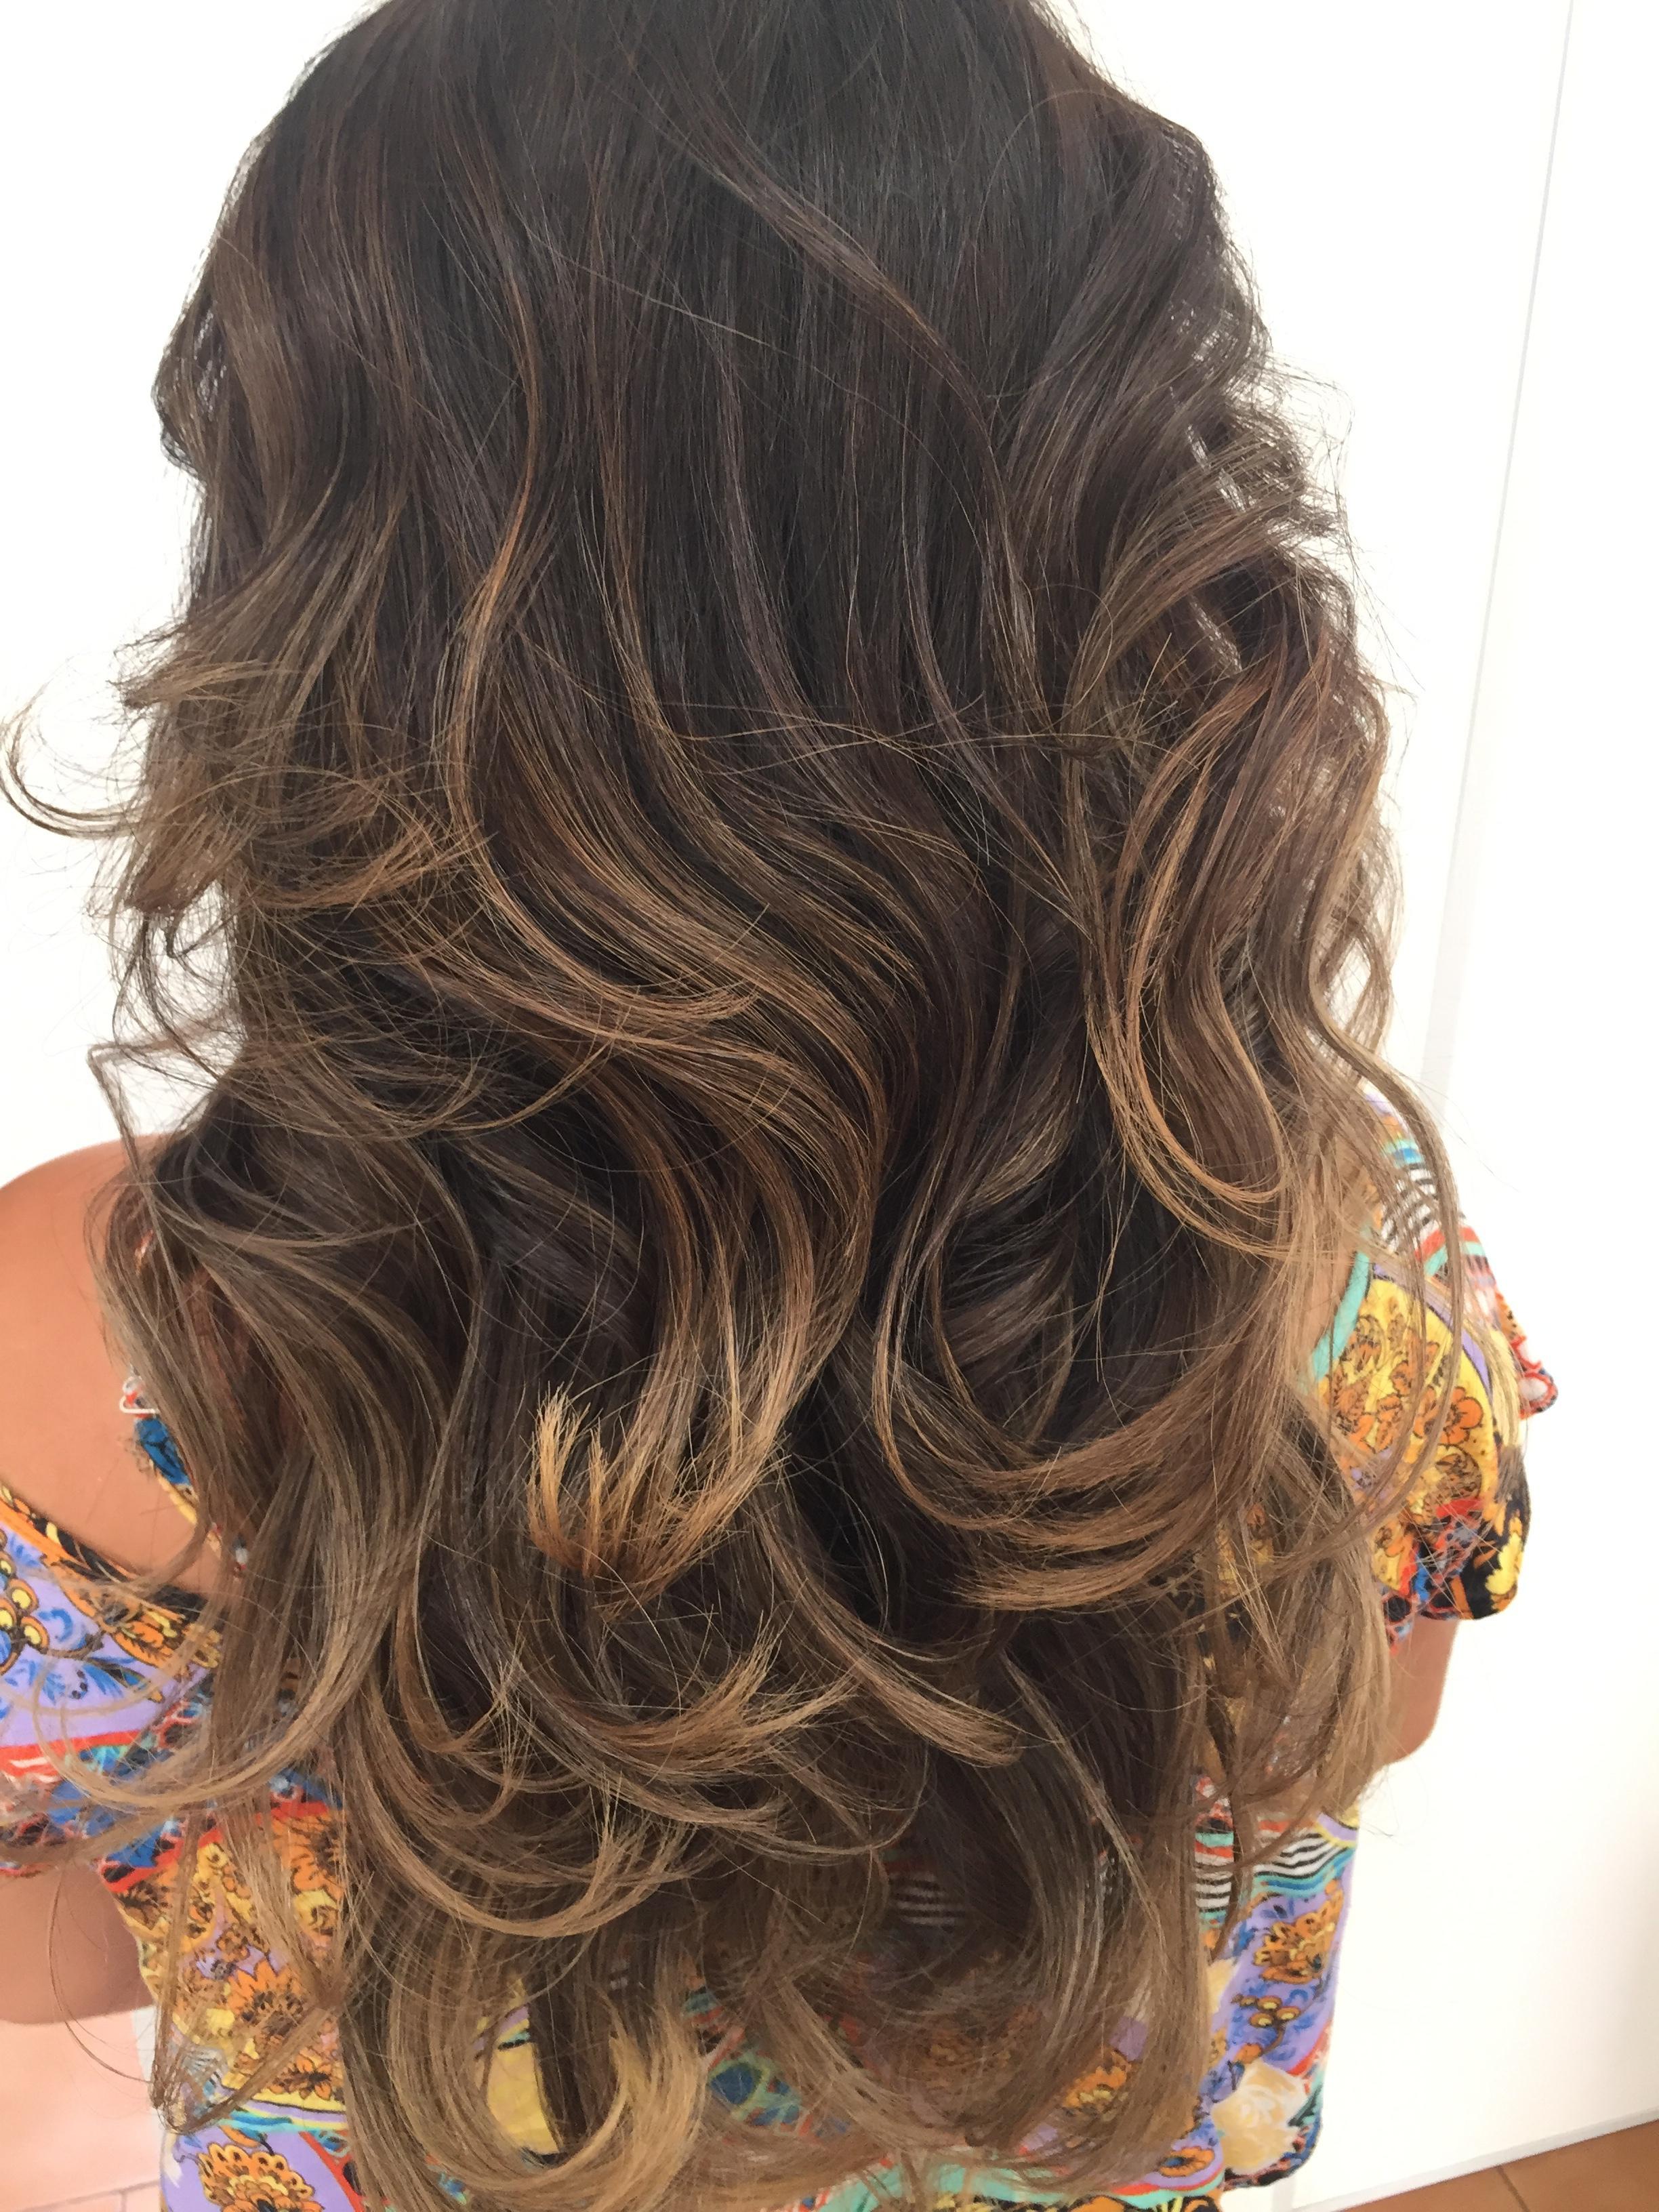 Morena iluminada  #beachwaves #morenailuminada #contou #ombrehair #hair #corte #cut  cabelo cabeleireiro(a)